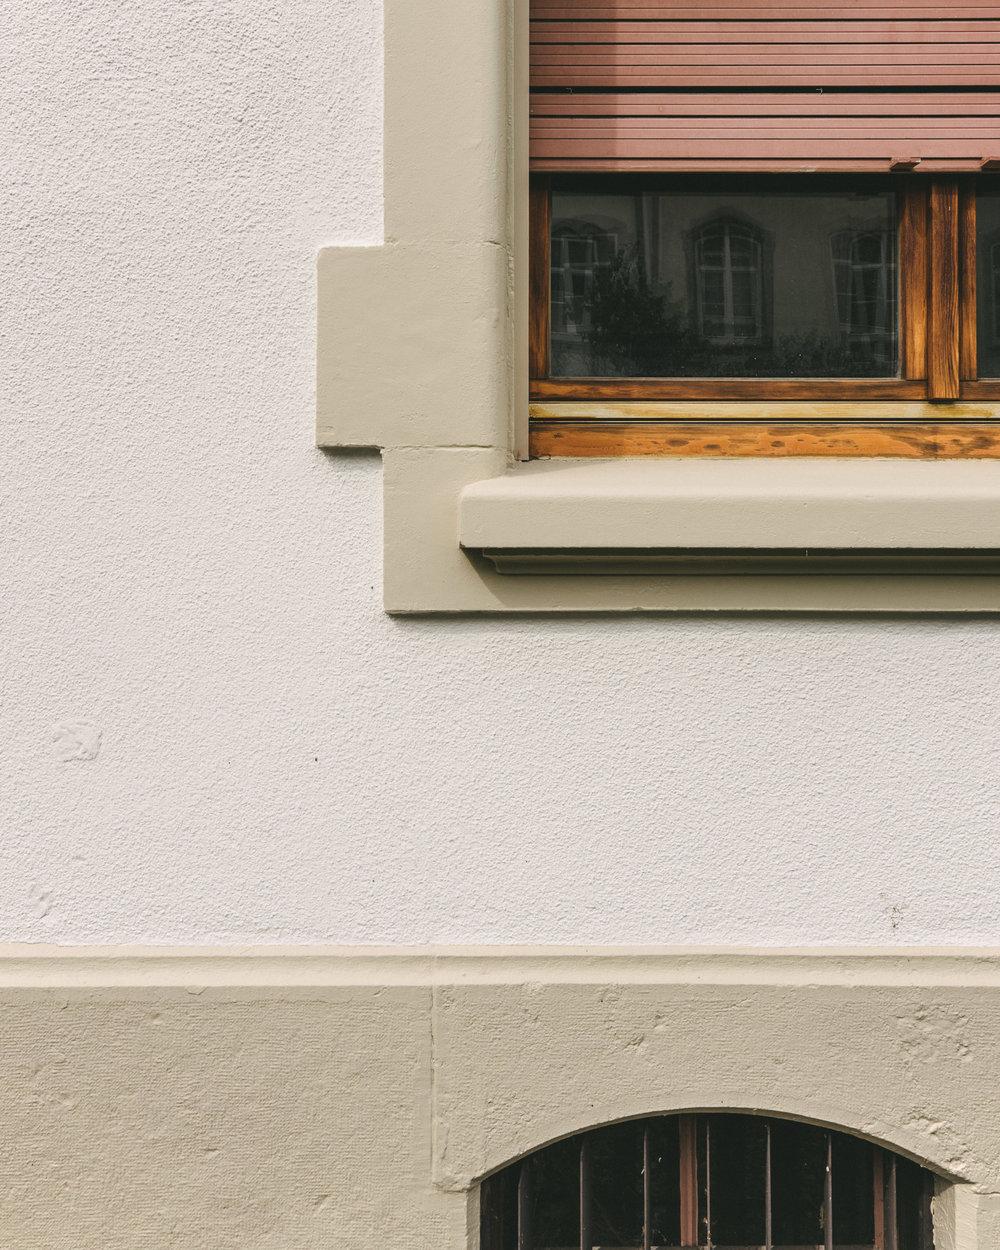 Aussensanierung MFH Basel Fenster, Consilium Architektur und Baumanagement